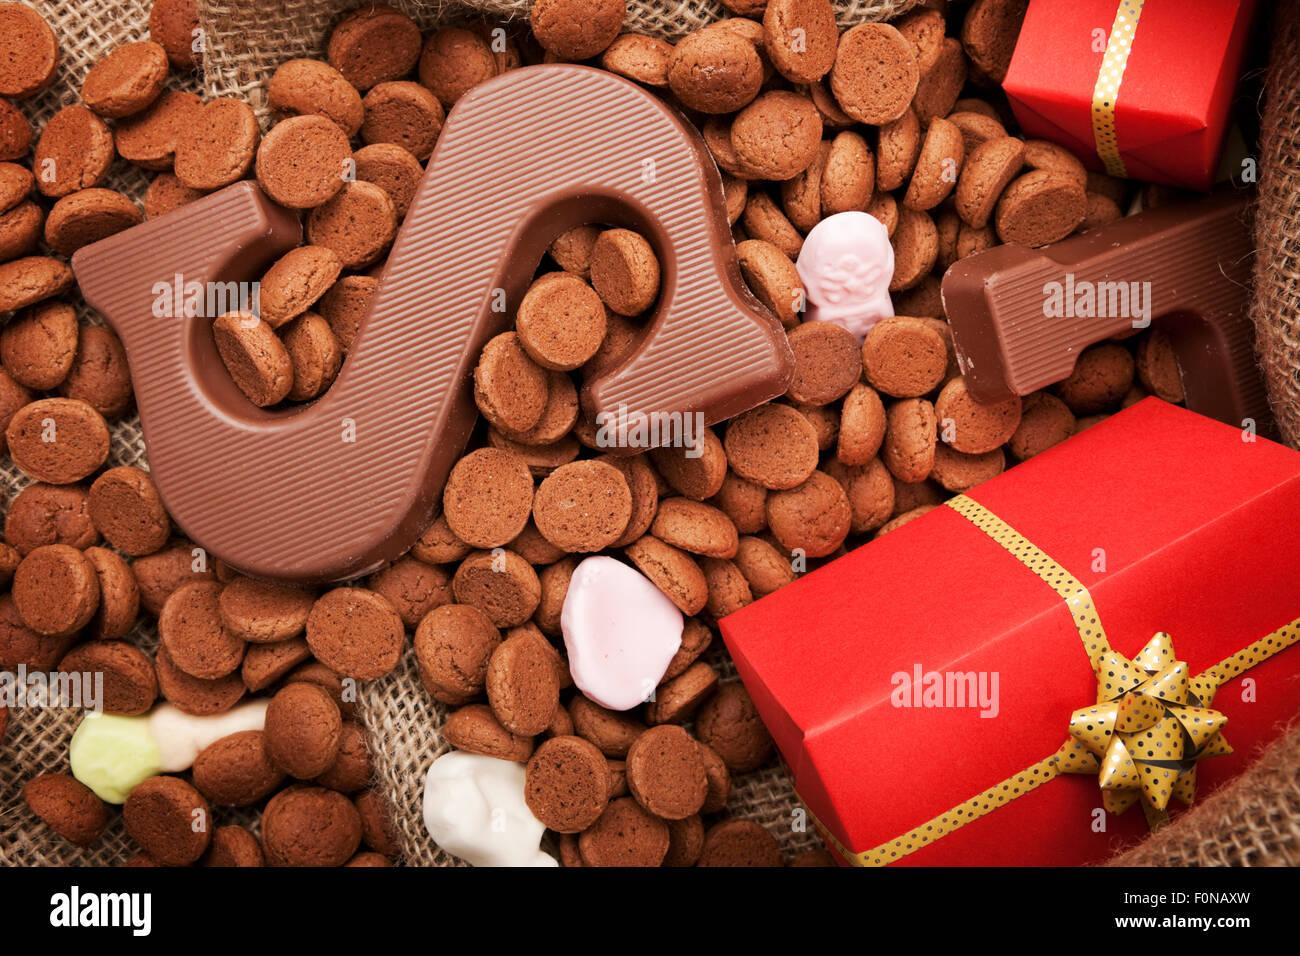 'De zak van Sinterklaas' (St. Nicholas' borsa) riempito con 'pepernoten', una lettera di cioccolato Immagini Stock